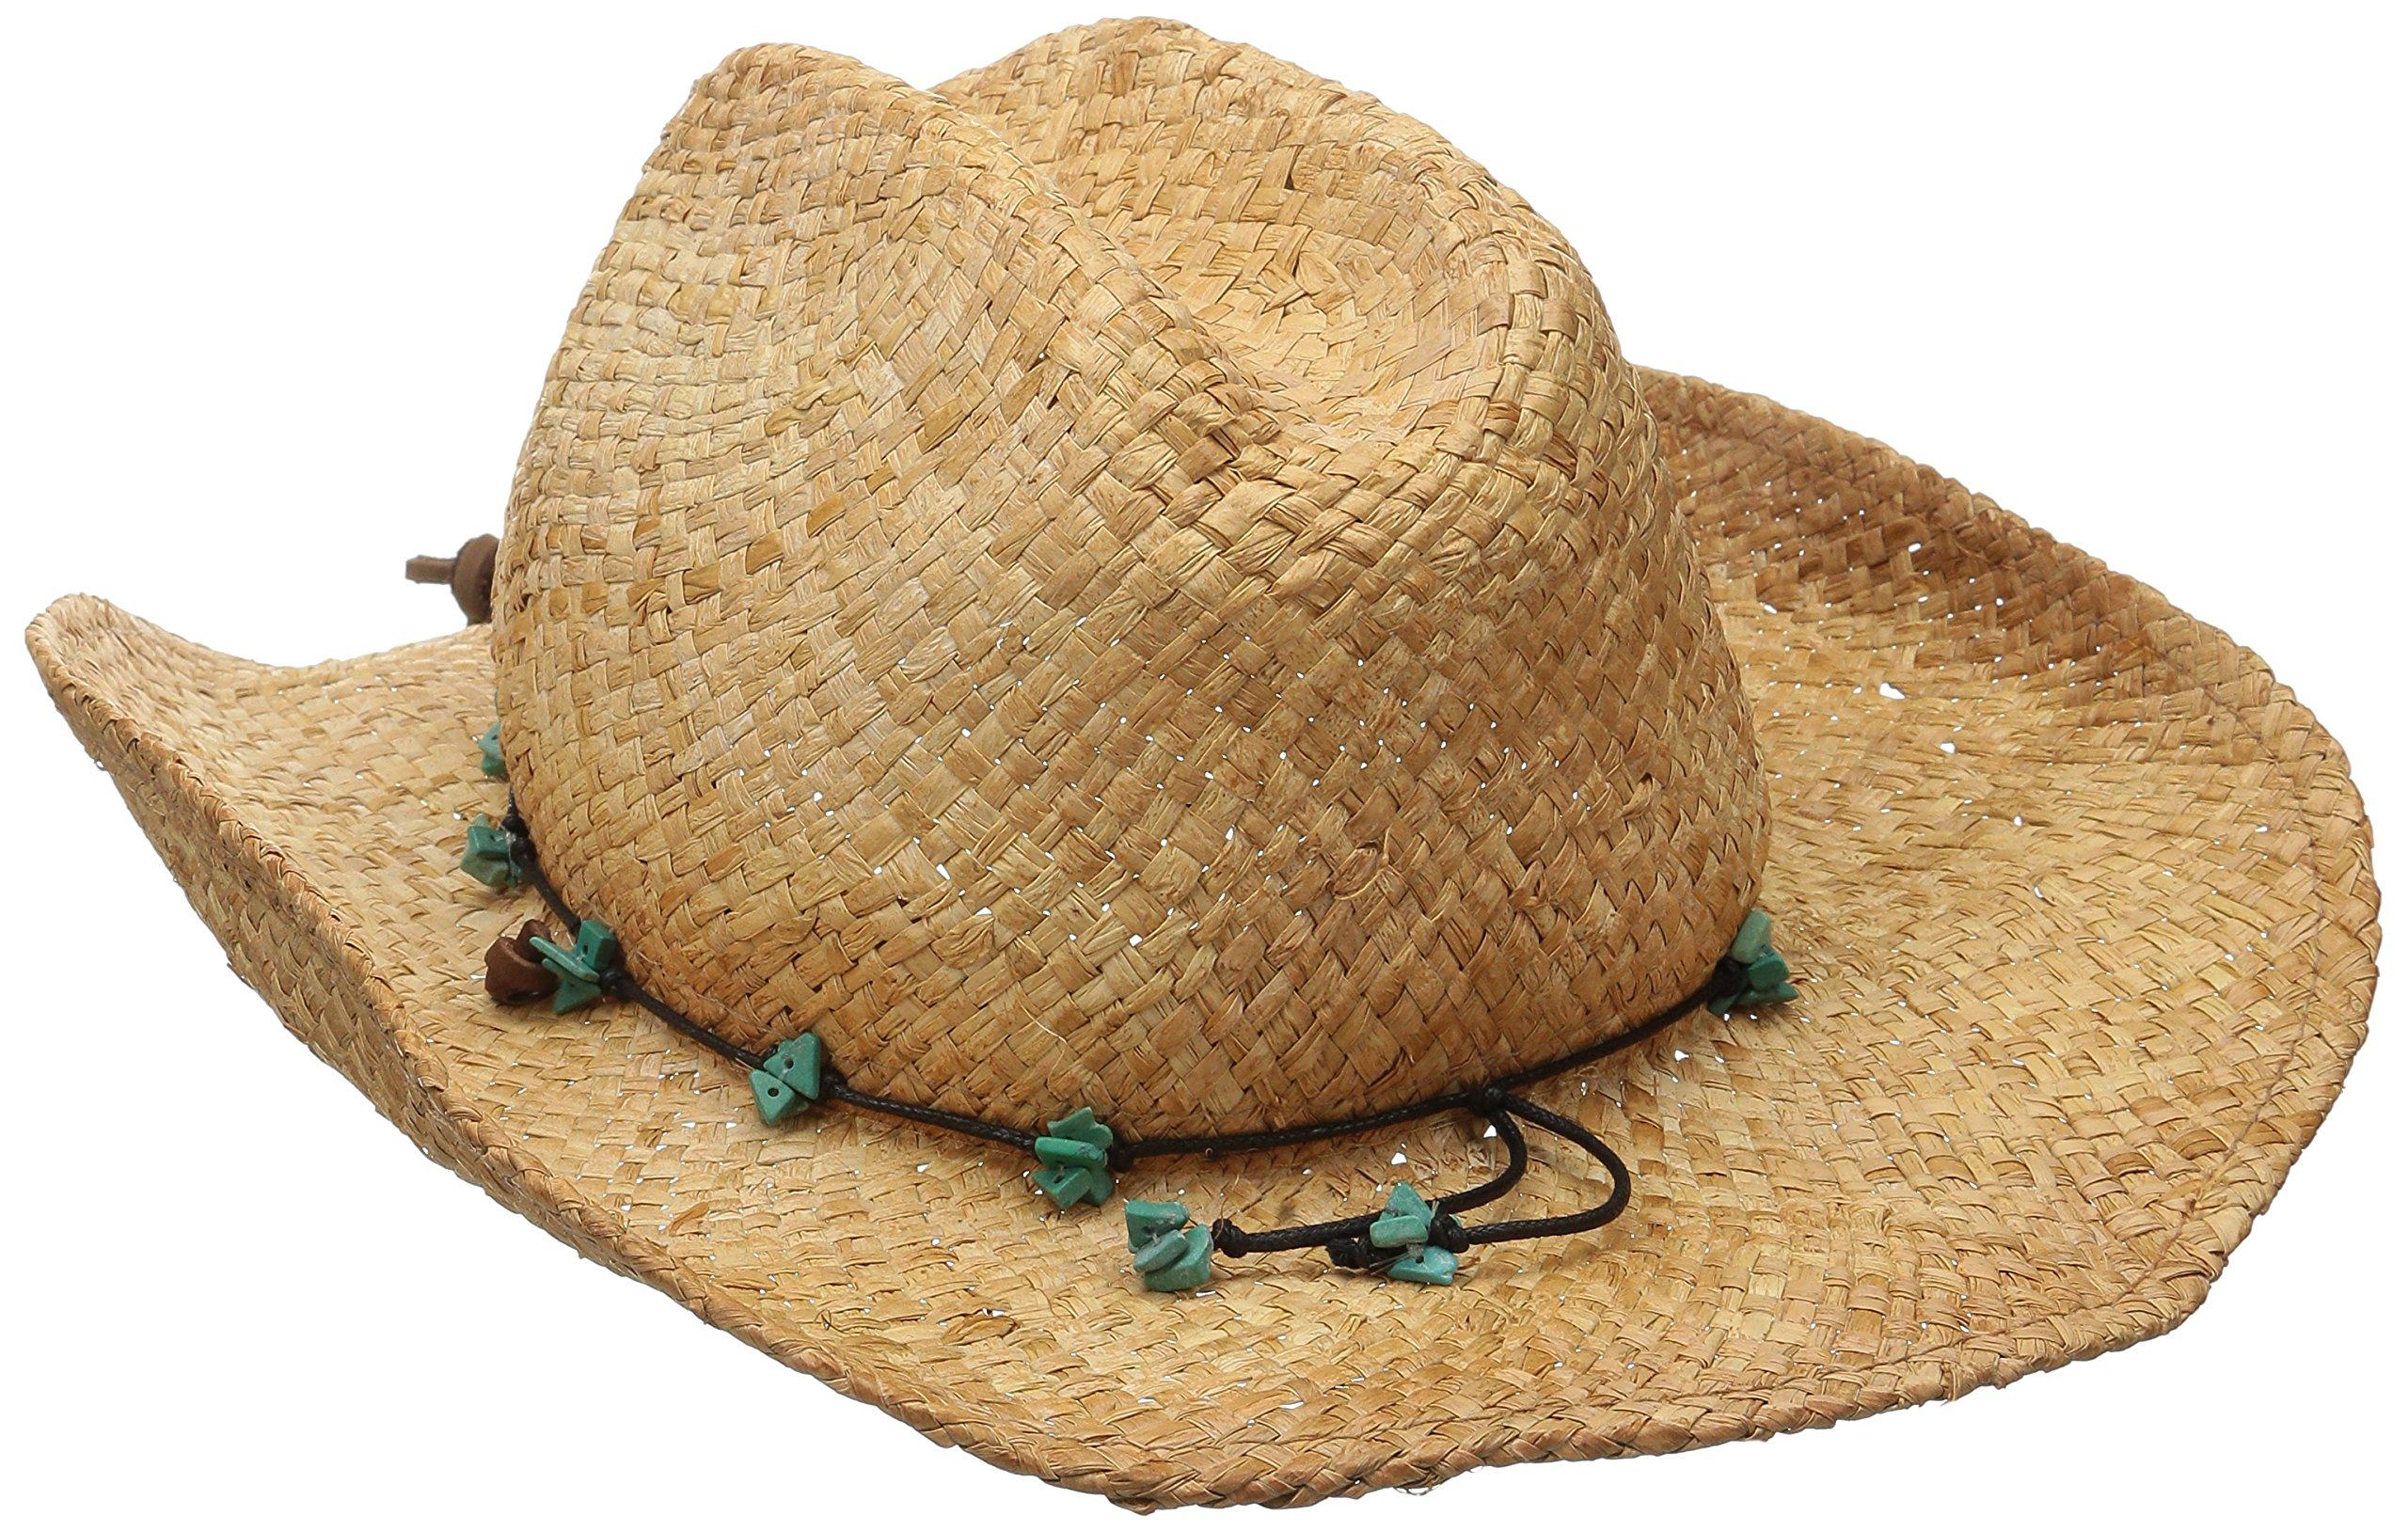 Scala Women's Straw Cowboy Hat, Tea, One Size